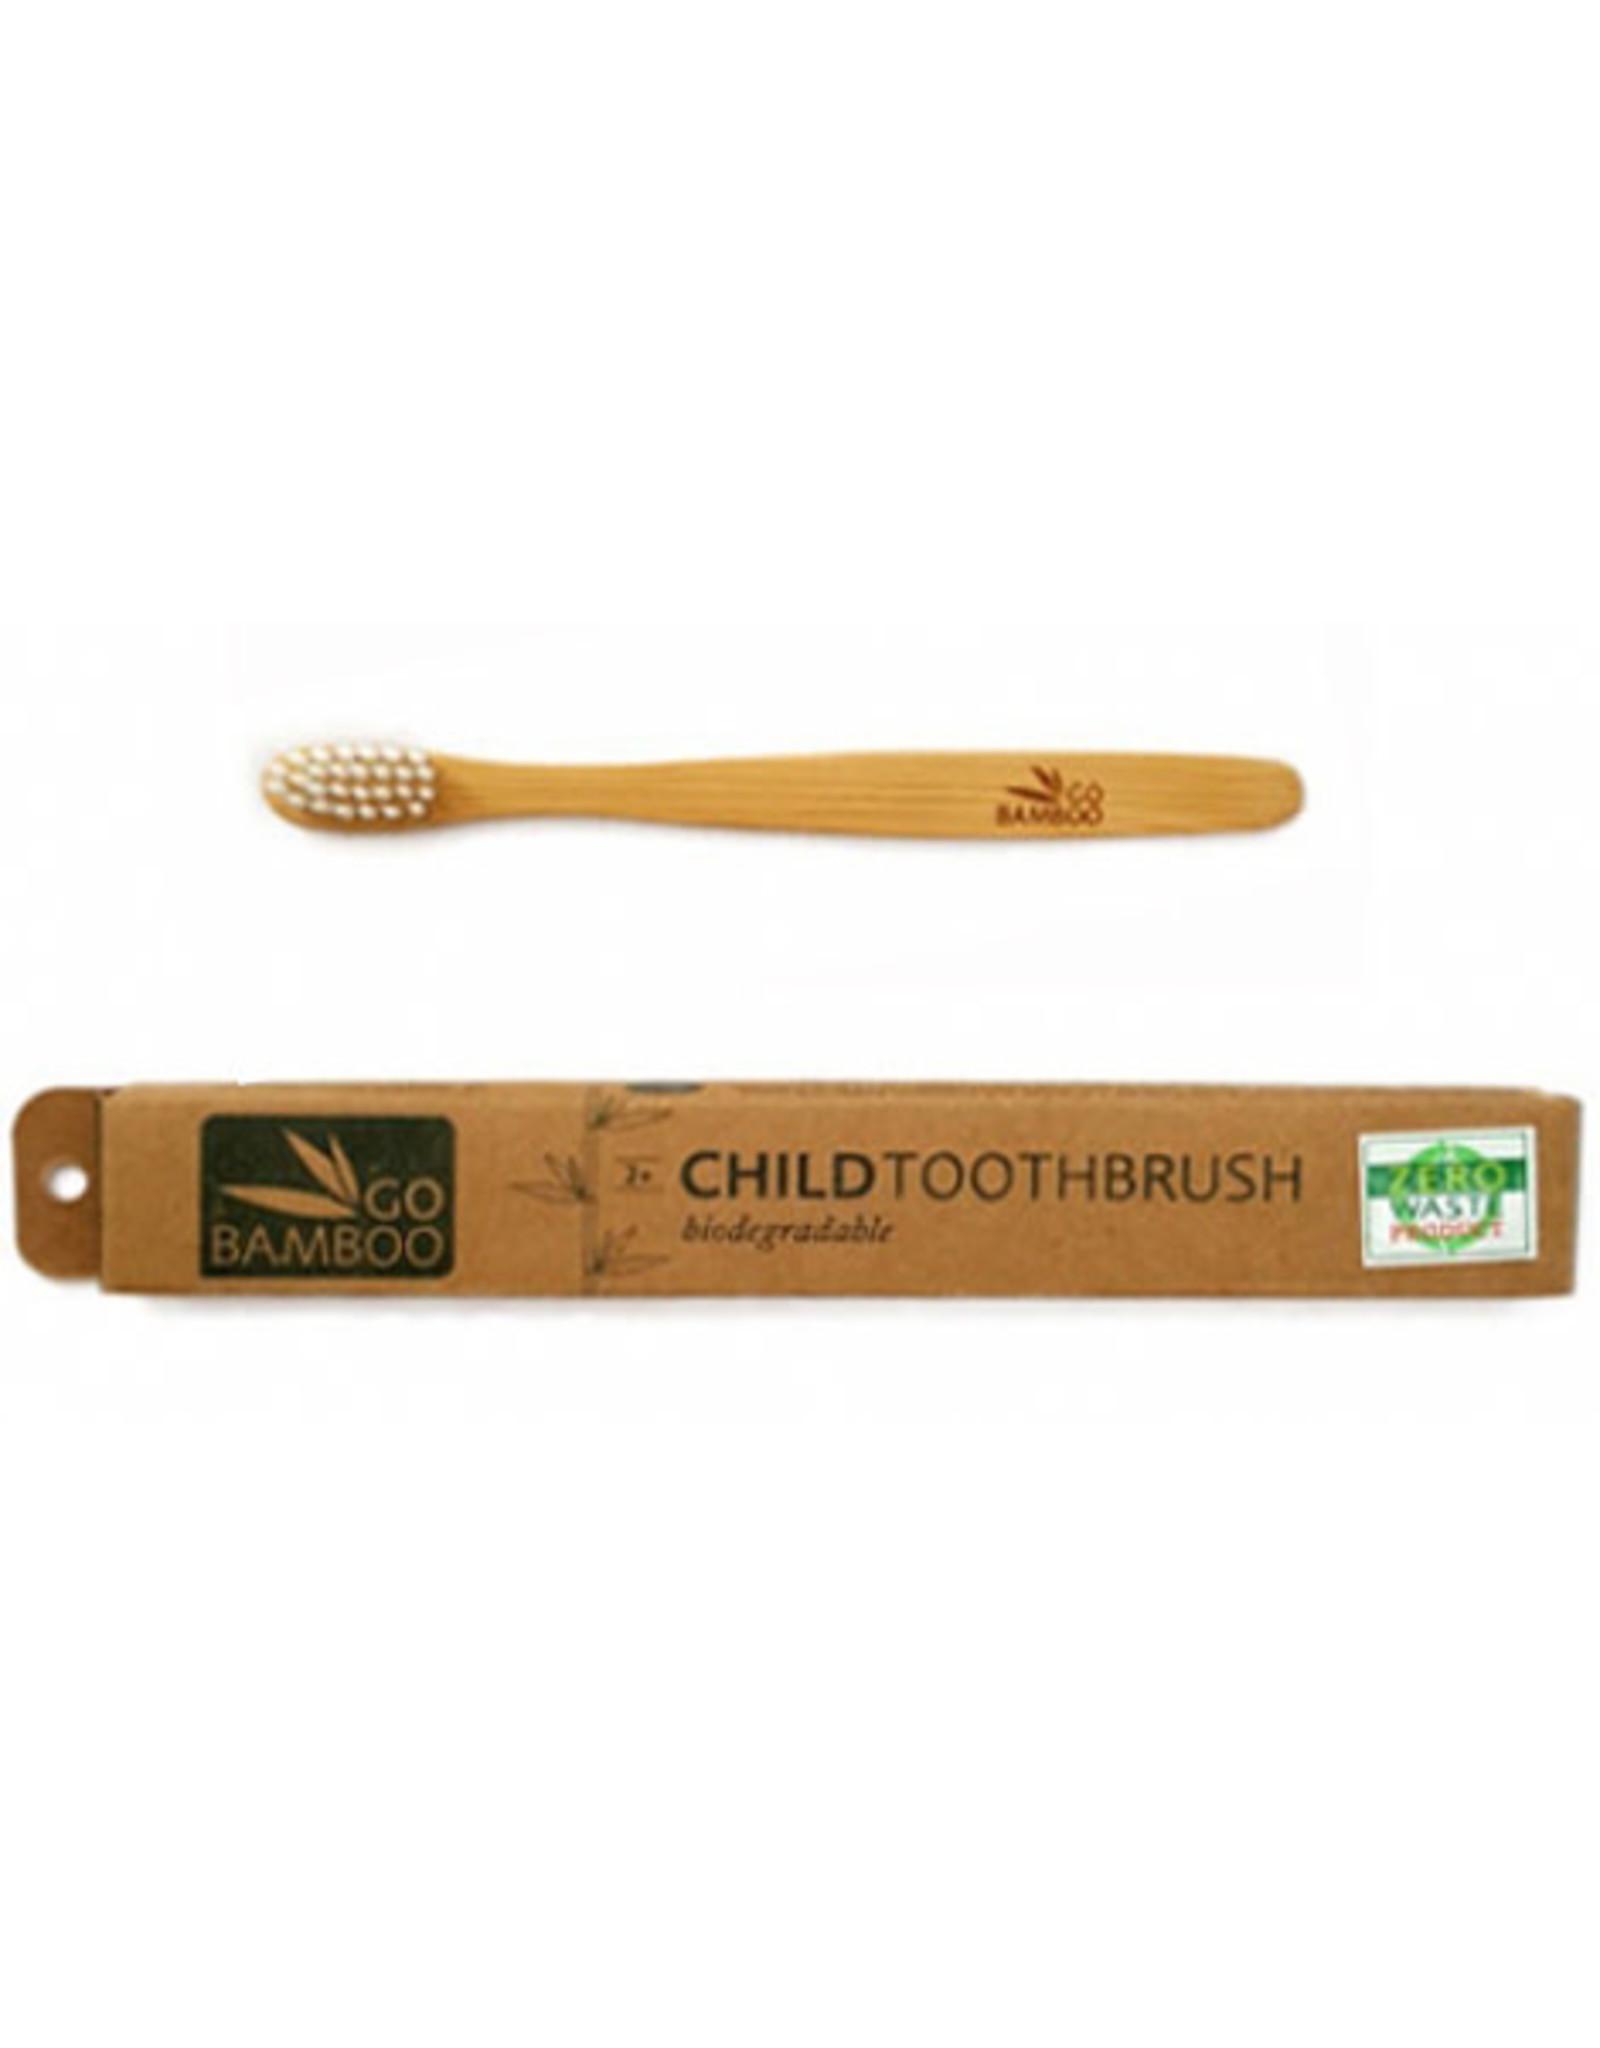 Go Bamboo Bamboo Toothbrush - Child